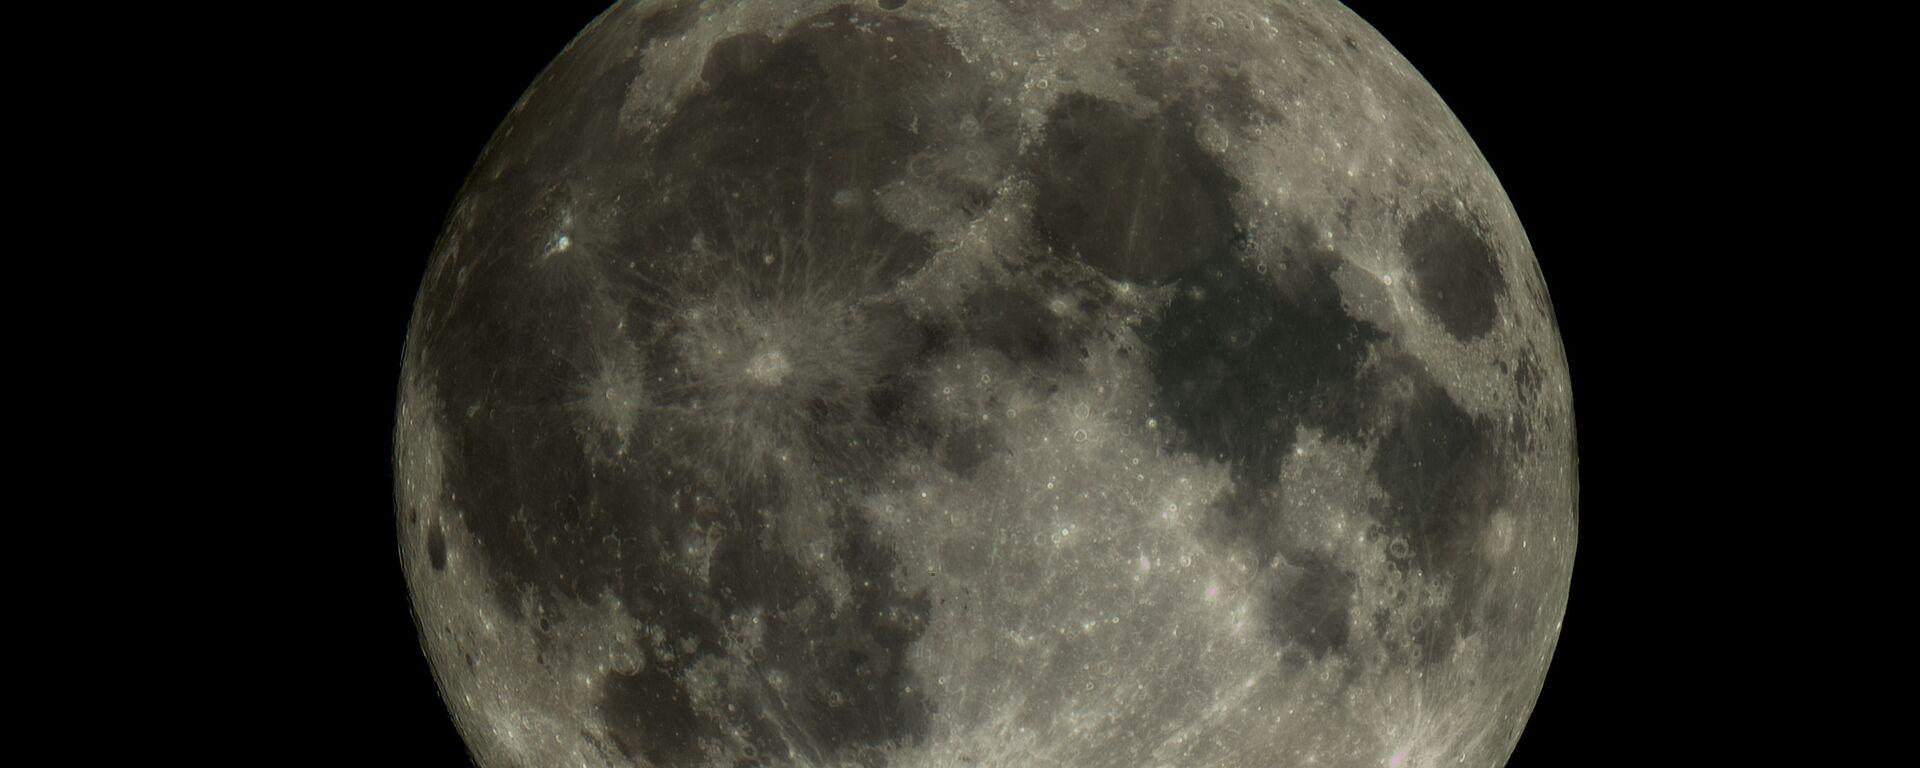 """Zdjęcie Księżyca wykonane przez mały statek kosmiczny """"Aist-2D"""" - Sputnik Polska, 1920, 03.06.2021"""